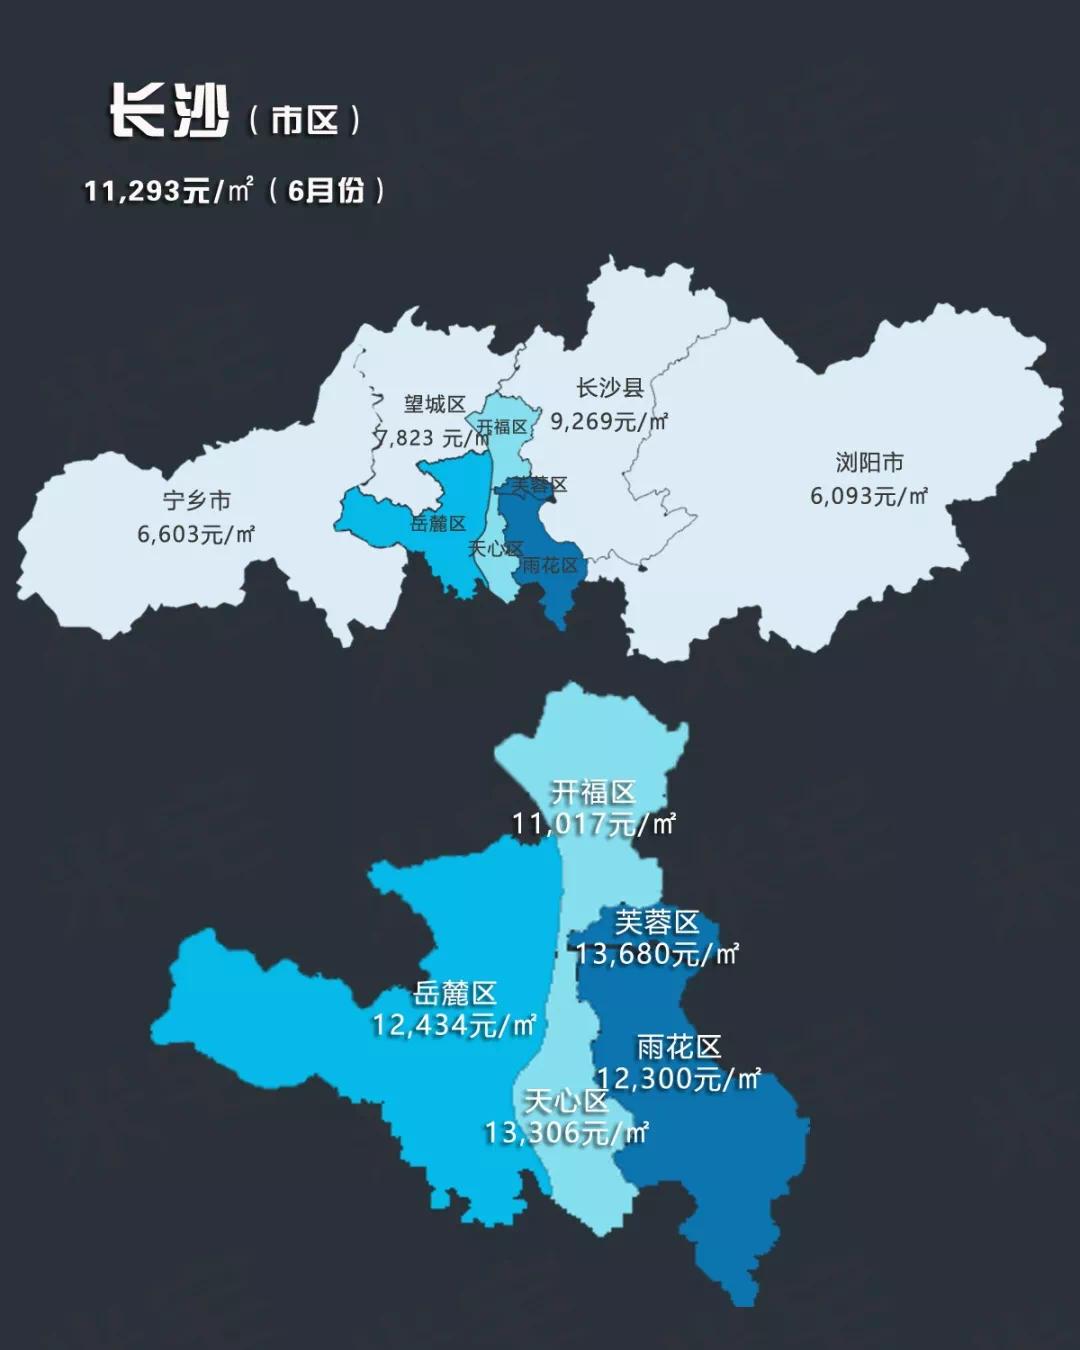 2019城市房价排行榜_2019年全国城市房价排行榜